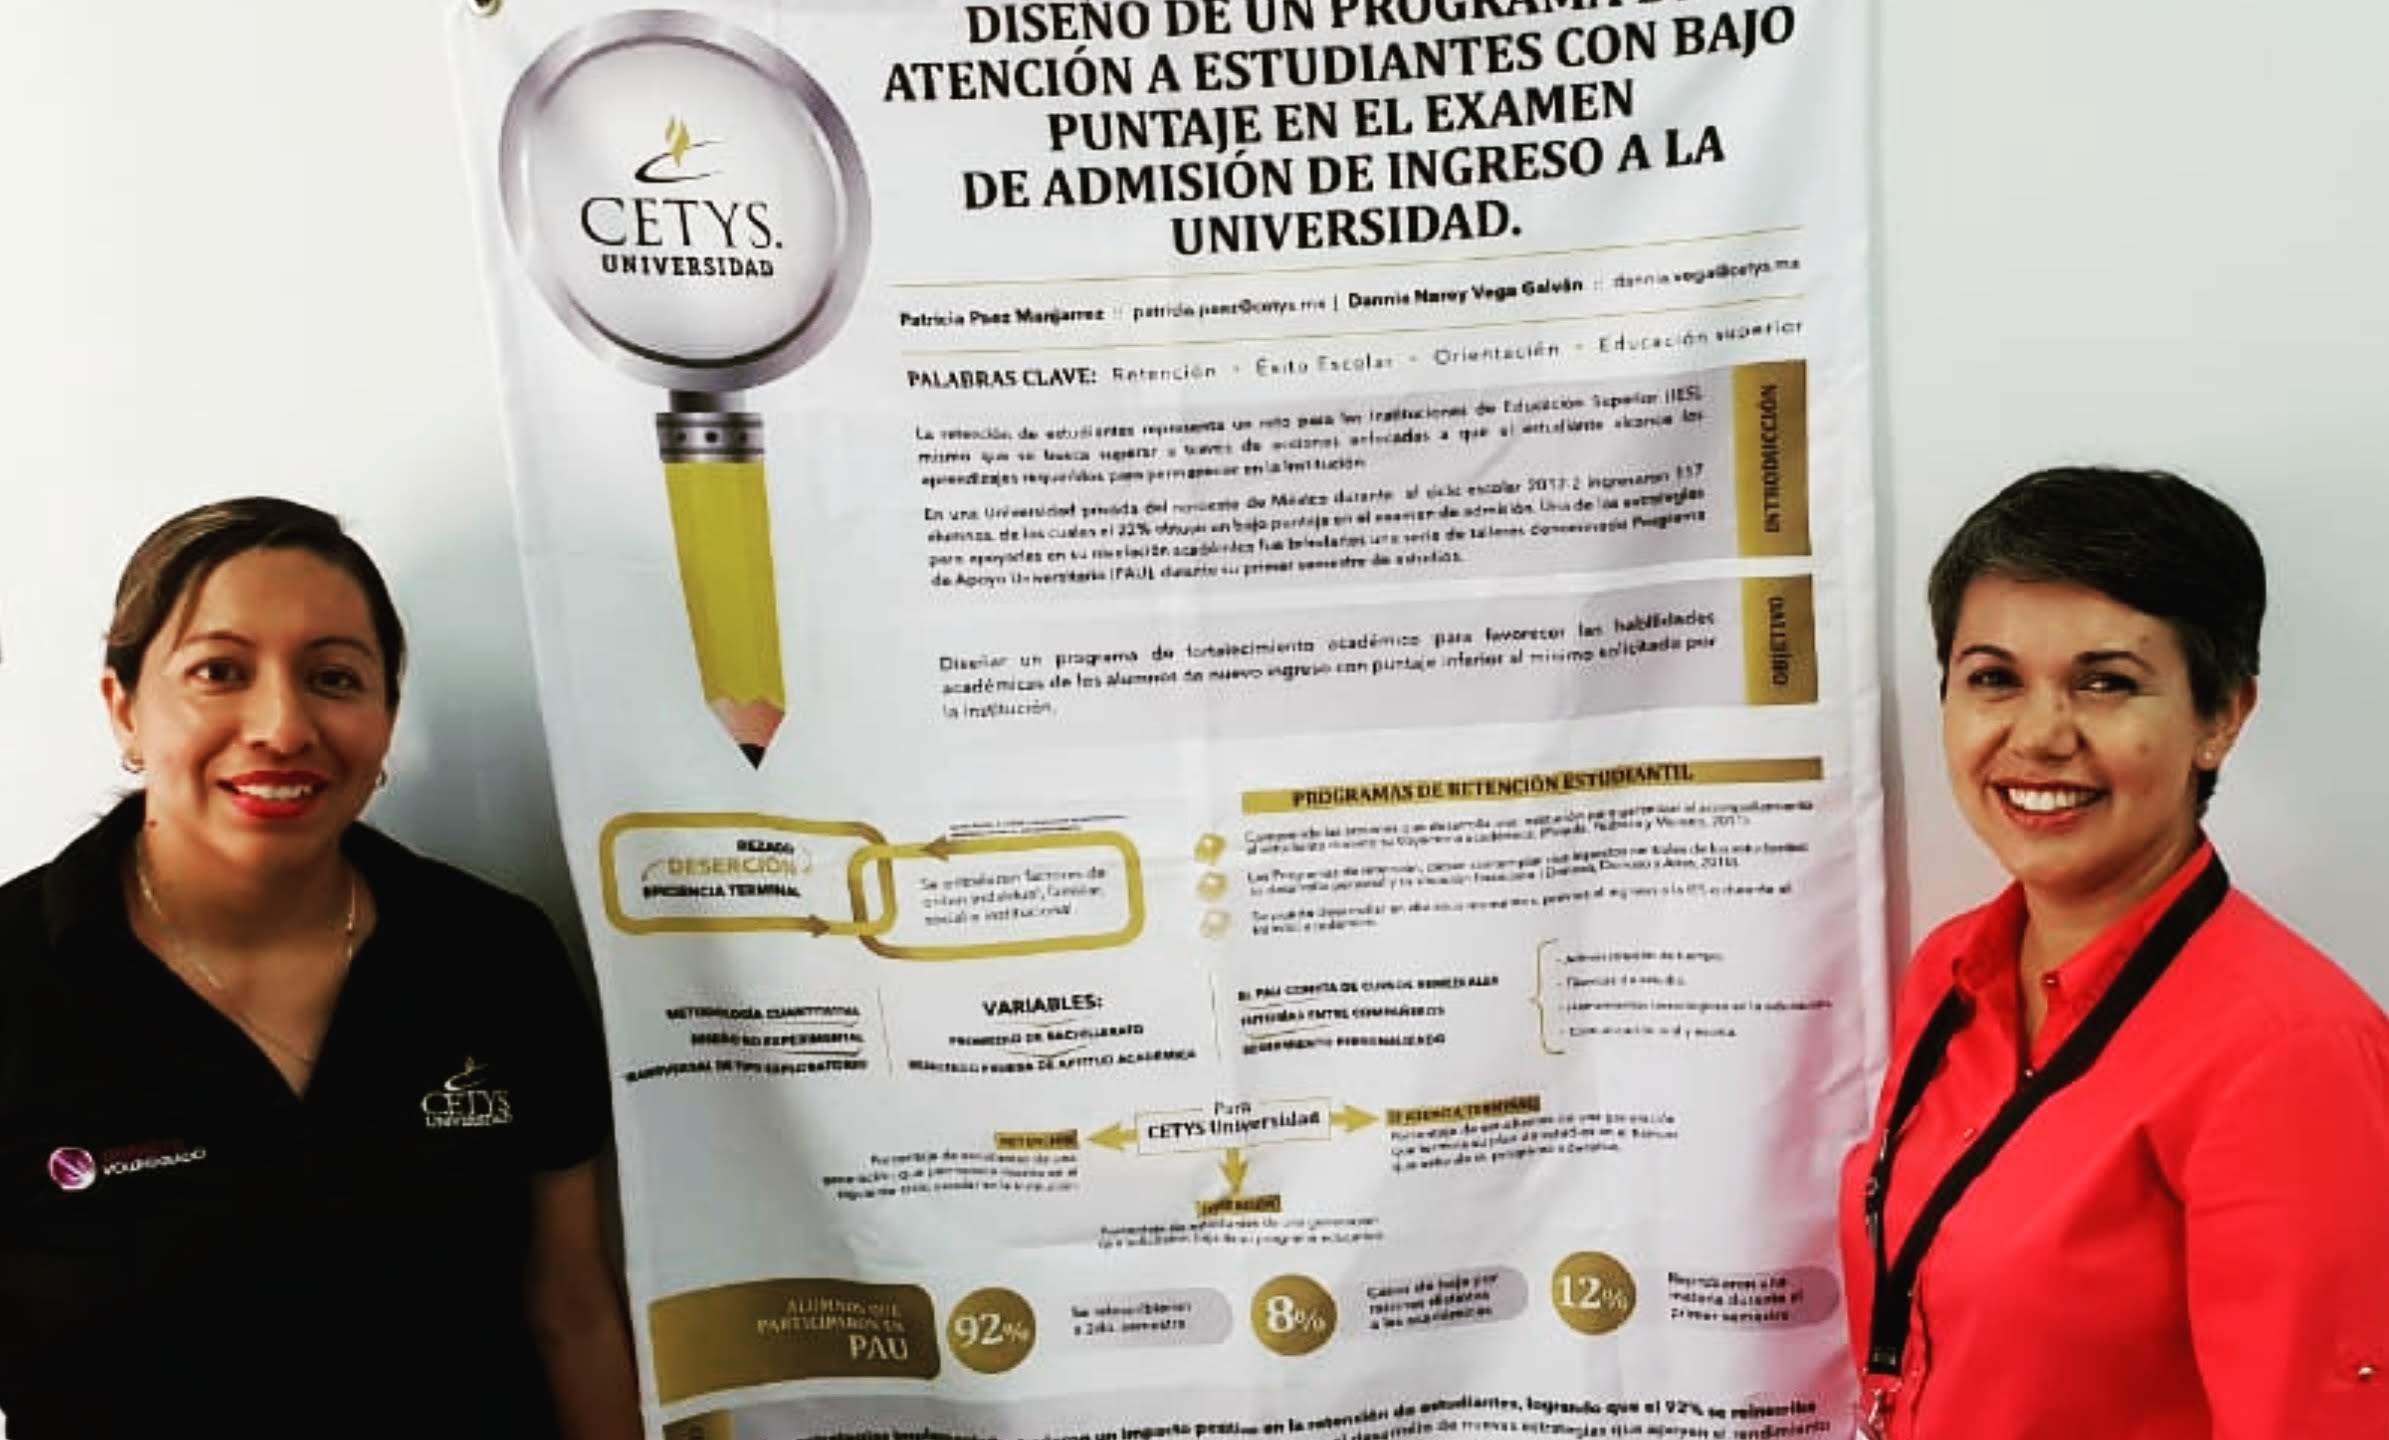 Presentan ponencia en España sobre éxito académico